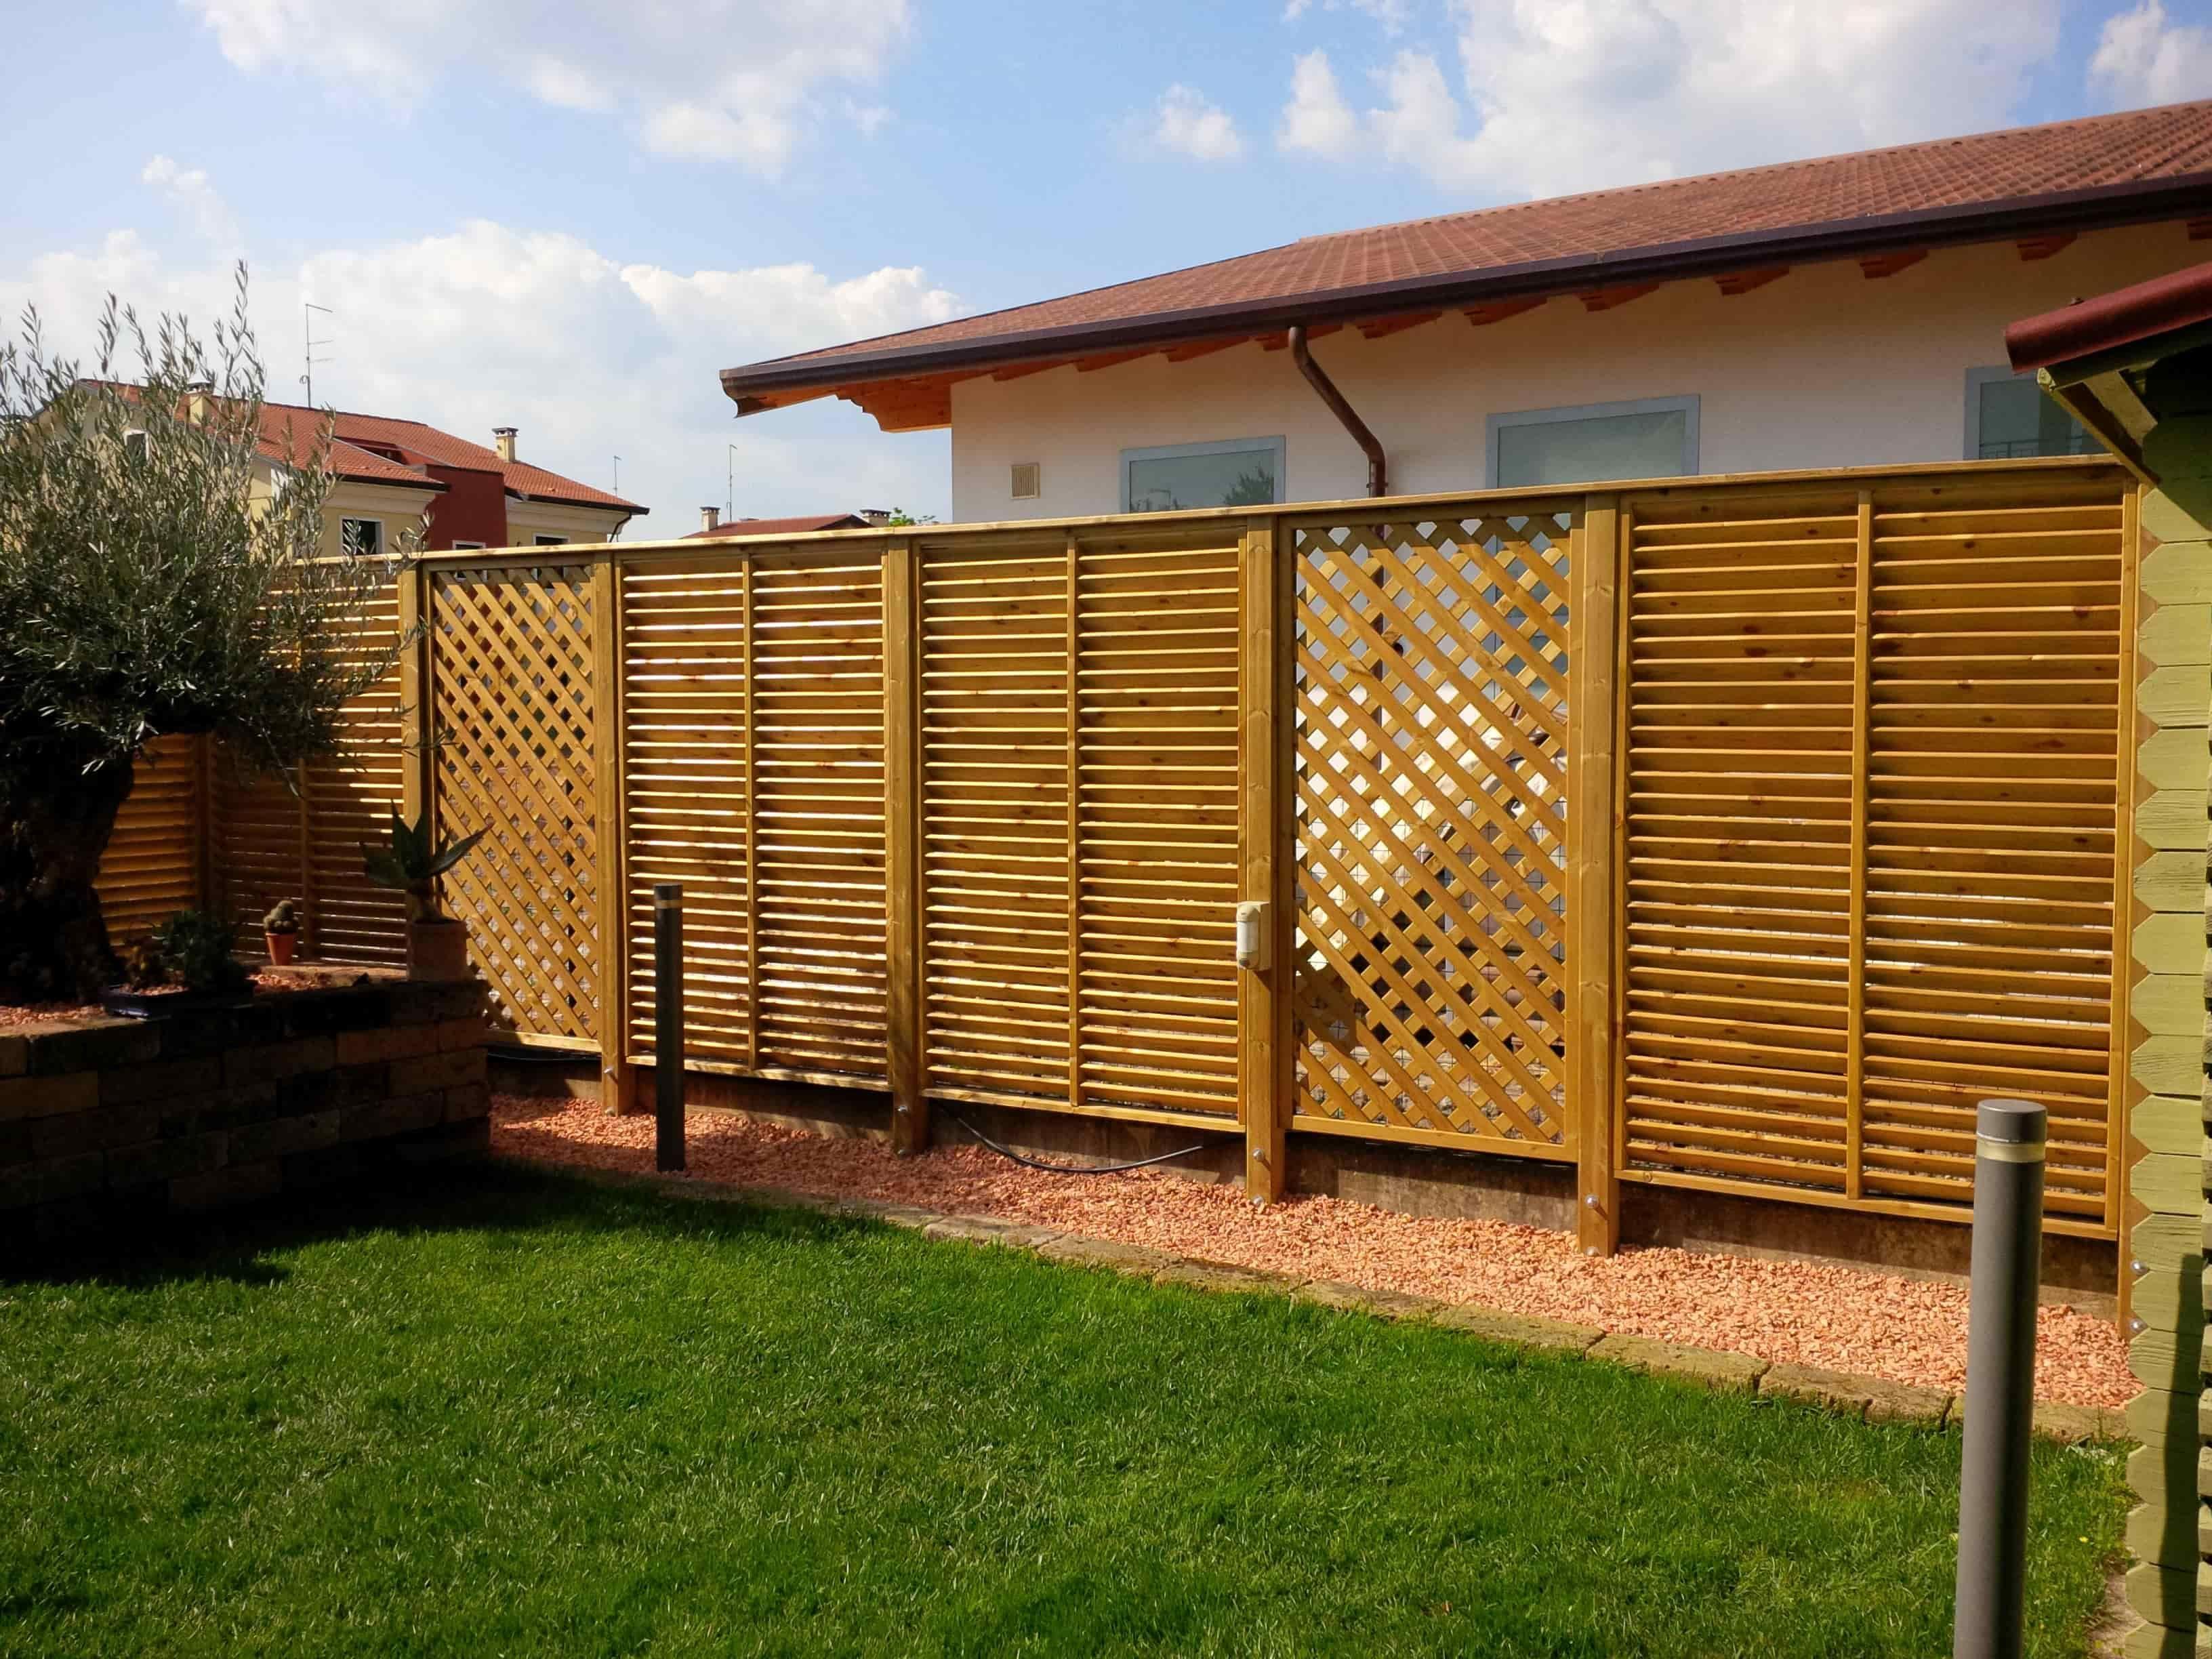 Barriera verticale di grigliati e frangivista in legno di pino nordico recinzioni - Grigliati in legno ikea ...